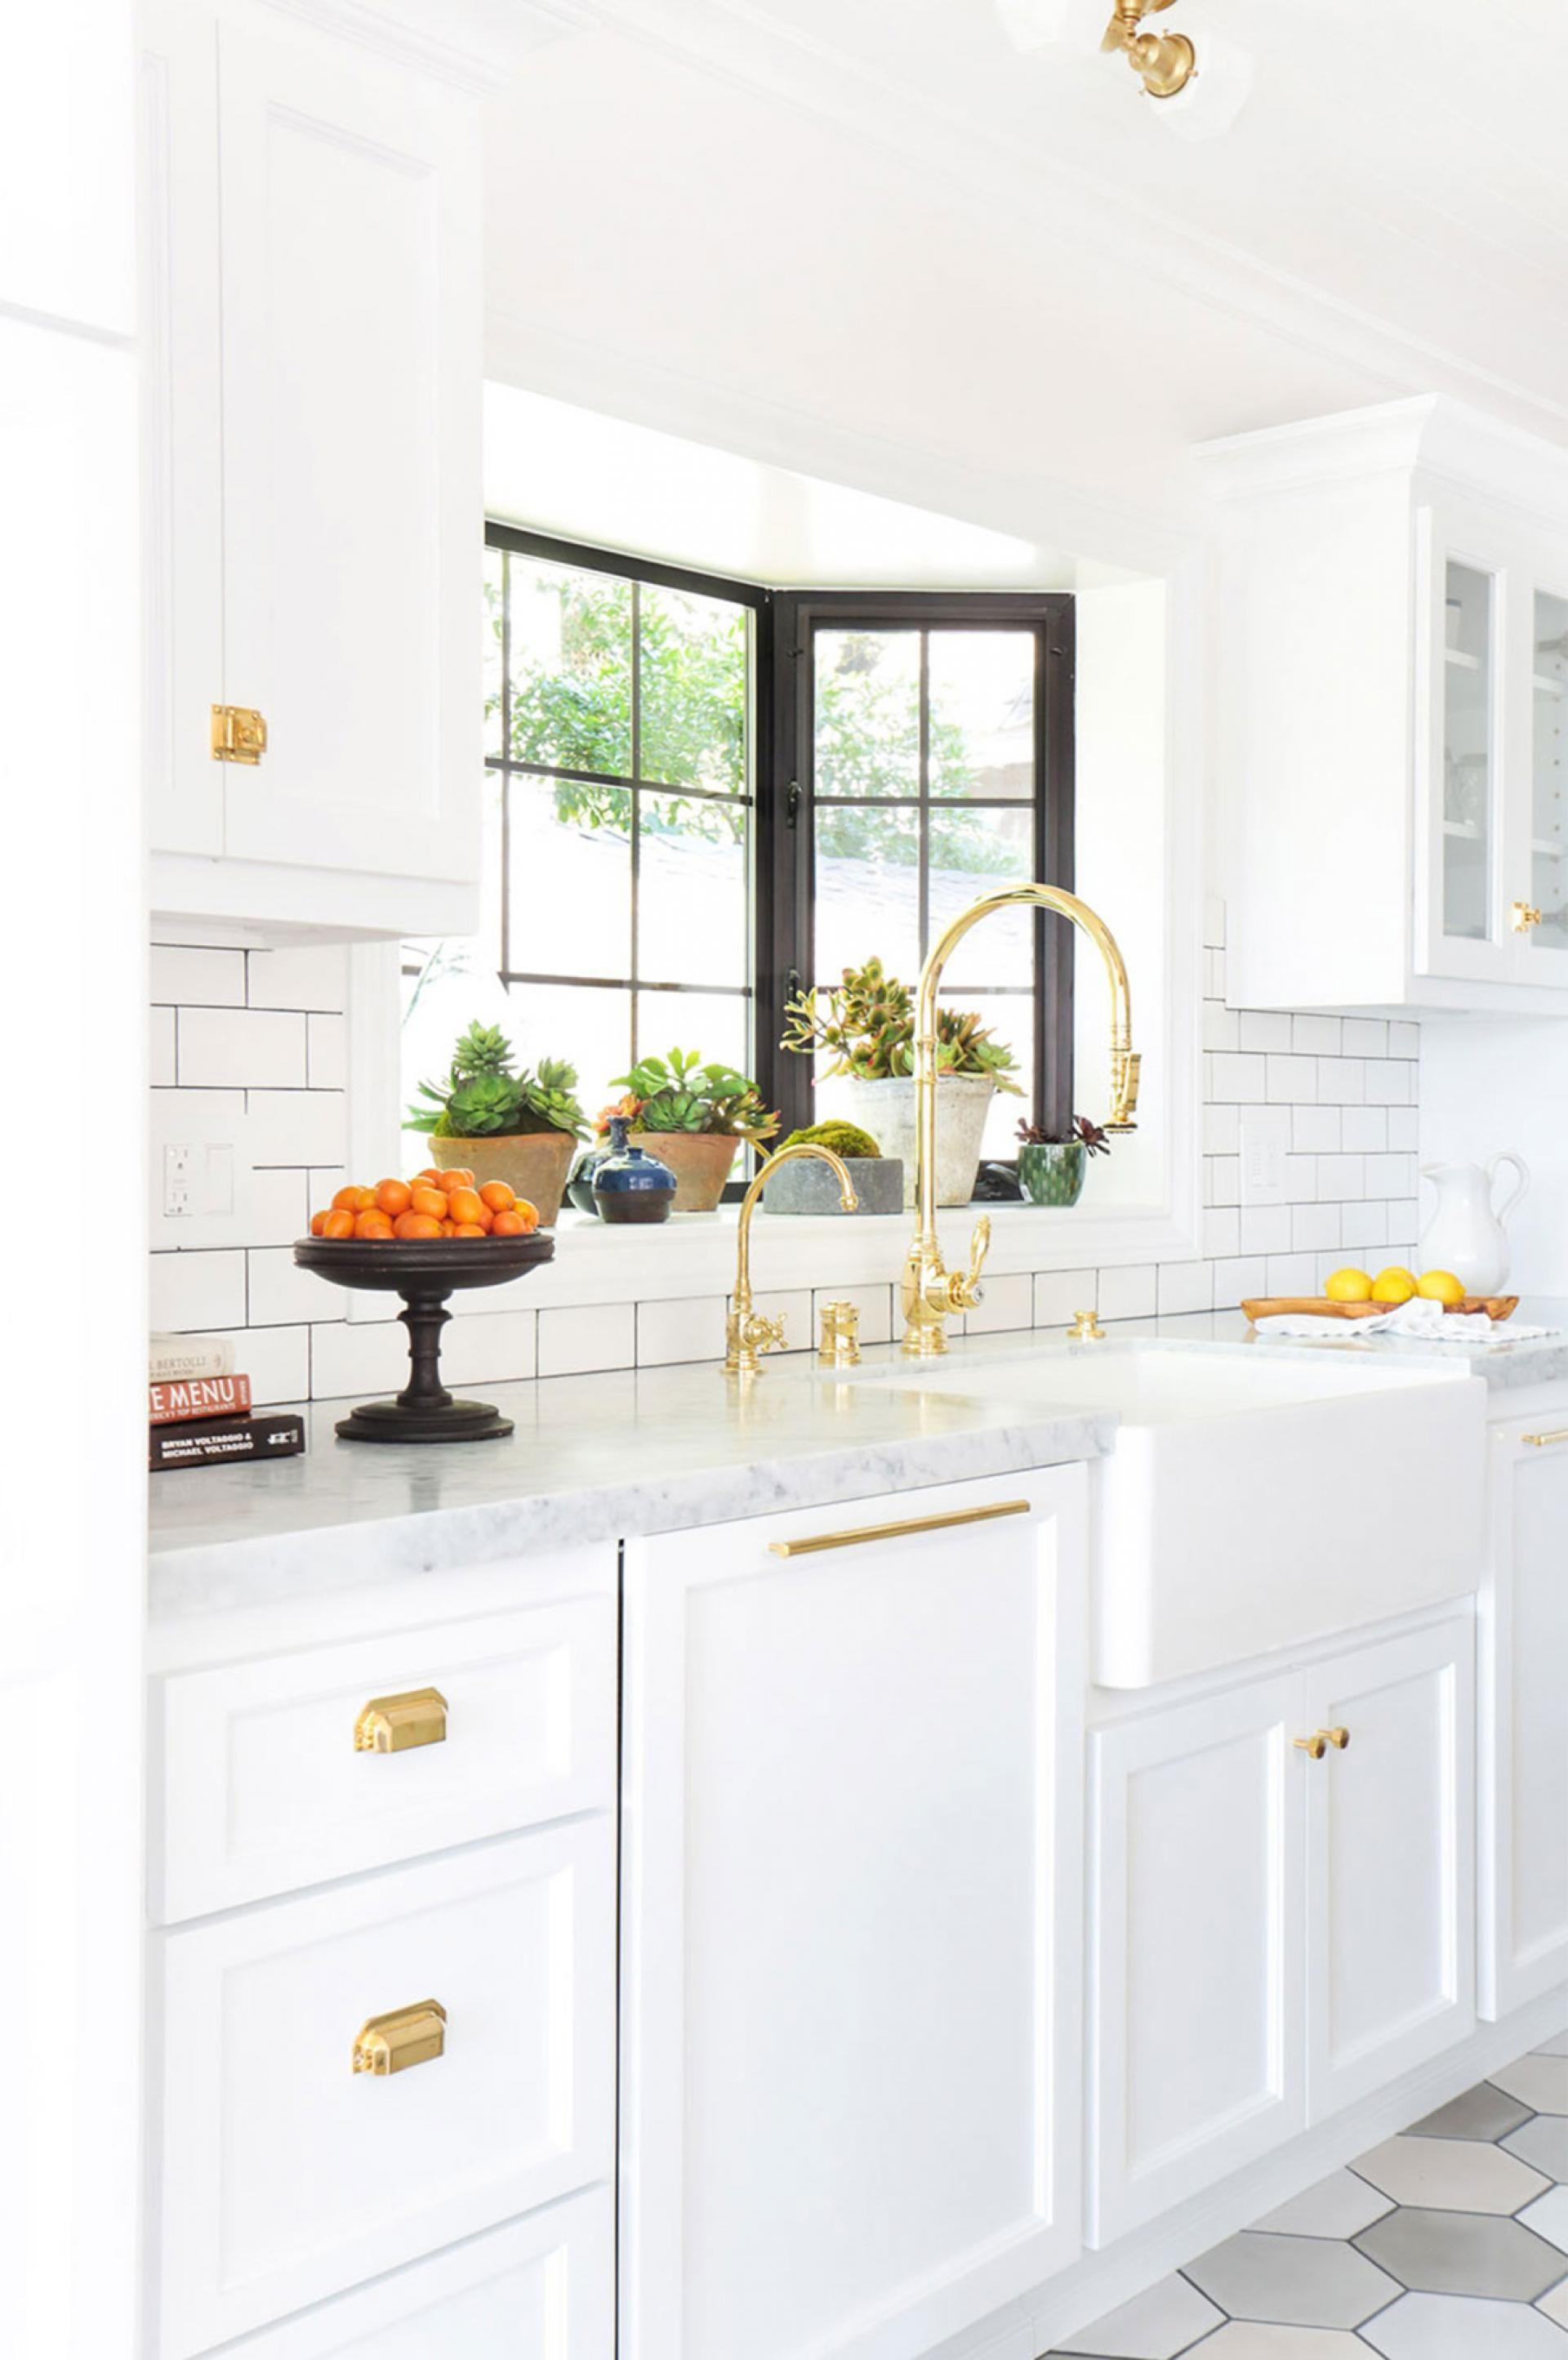 Yếu tố nhỏ nhưng có sức níu kéo cực lớn khiến bạn chẳng nỡ rời khỏi căn bếp gia đình - Ảnh 12.